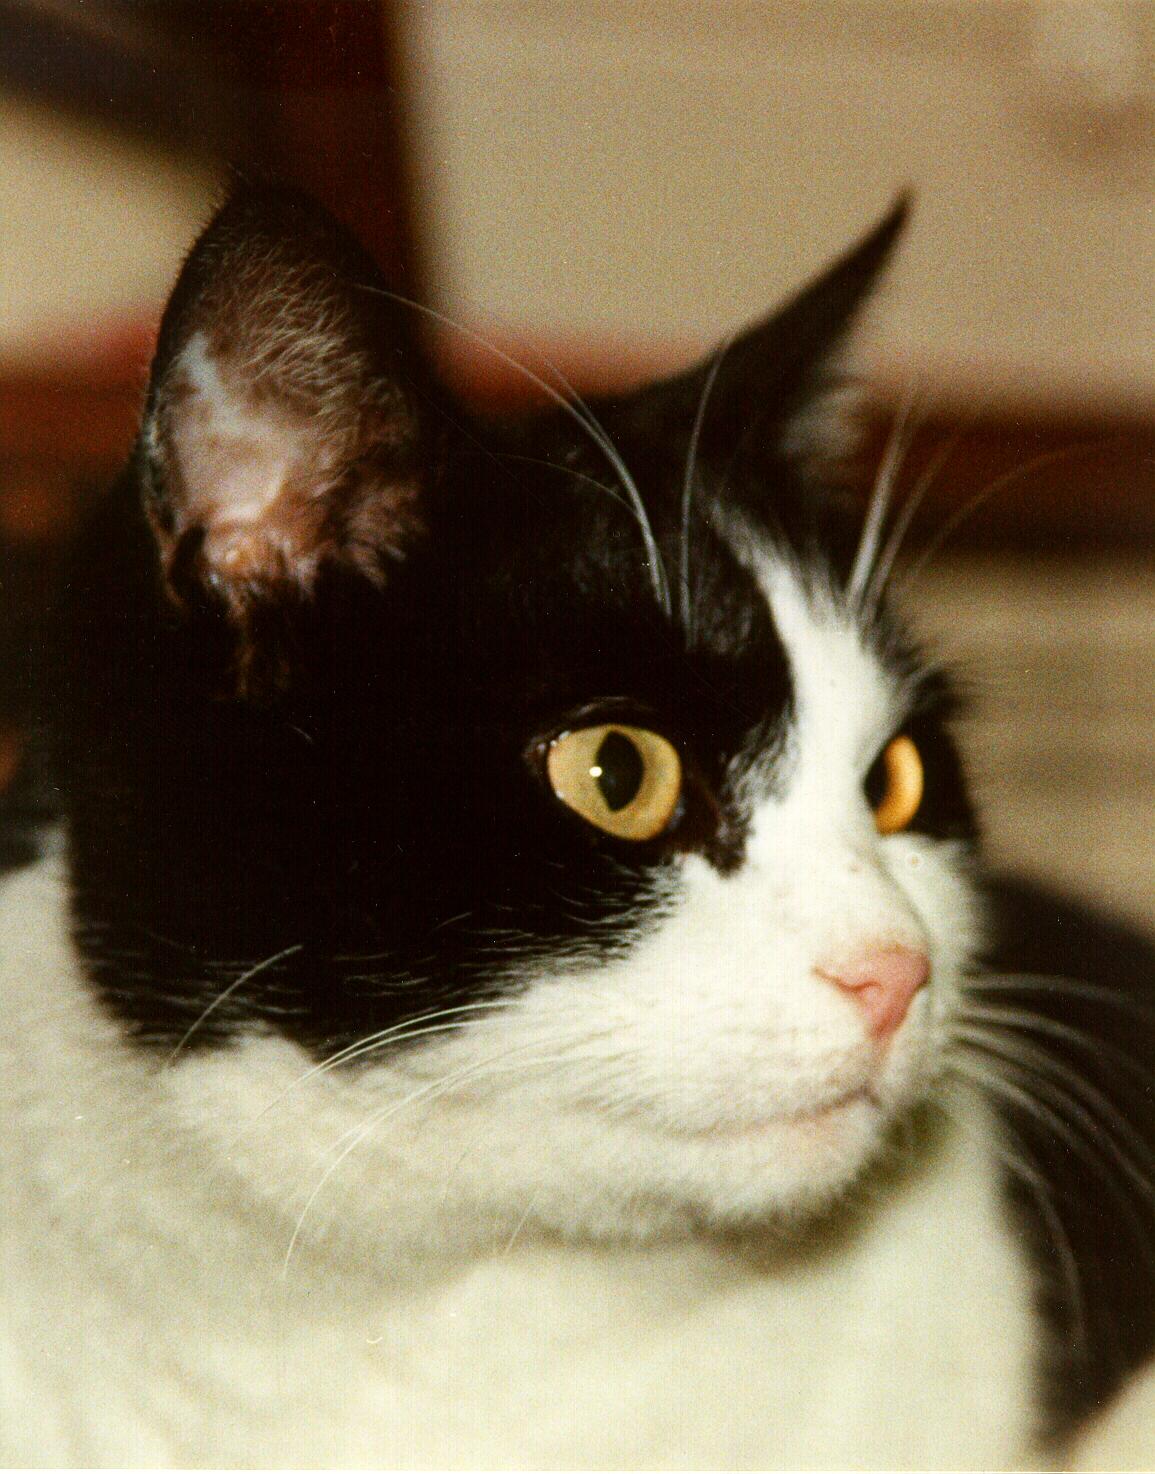 Minié, l'un des chats de mon frère Pierre, 1985-2005, photographié en 1998, cliquer pour une vue agrandie